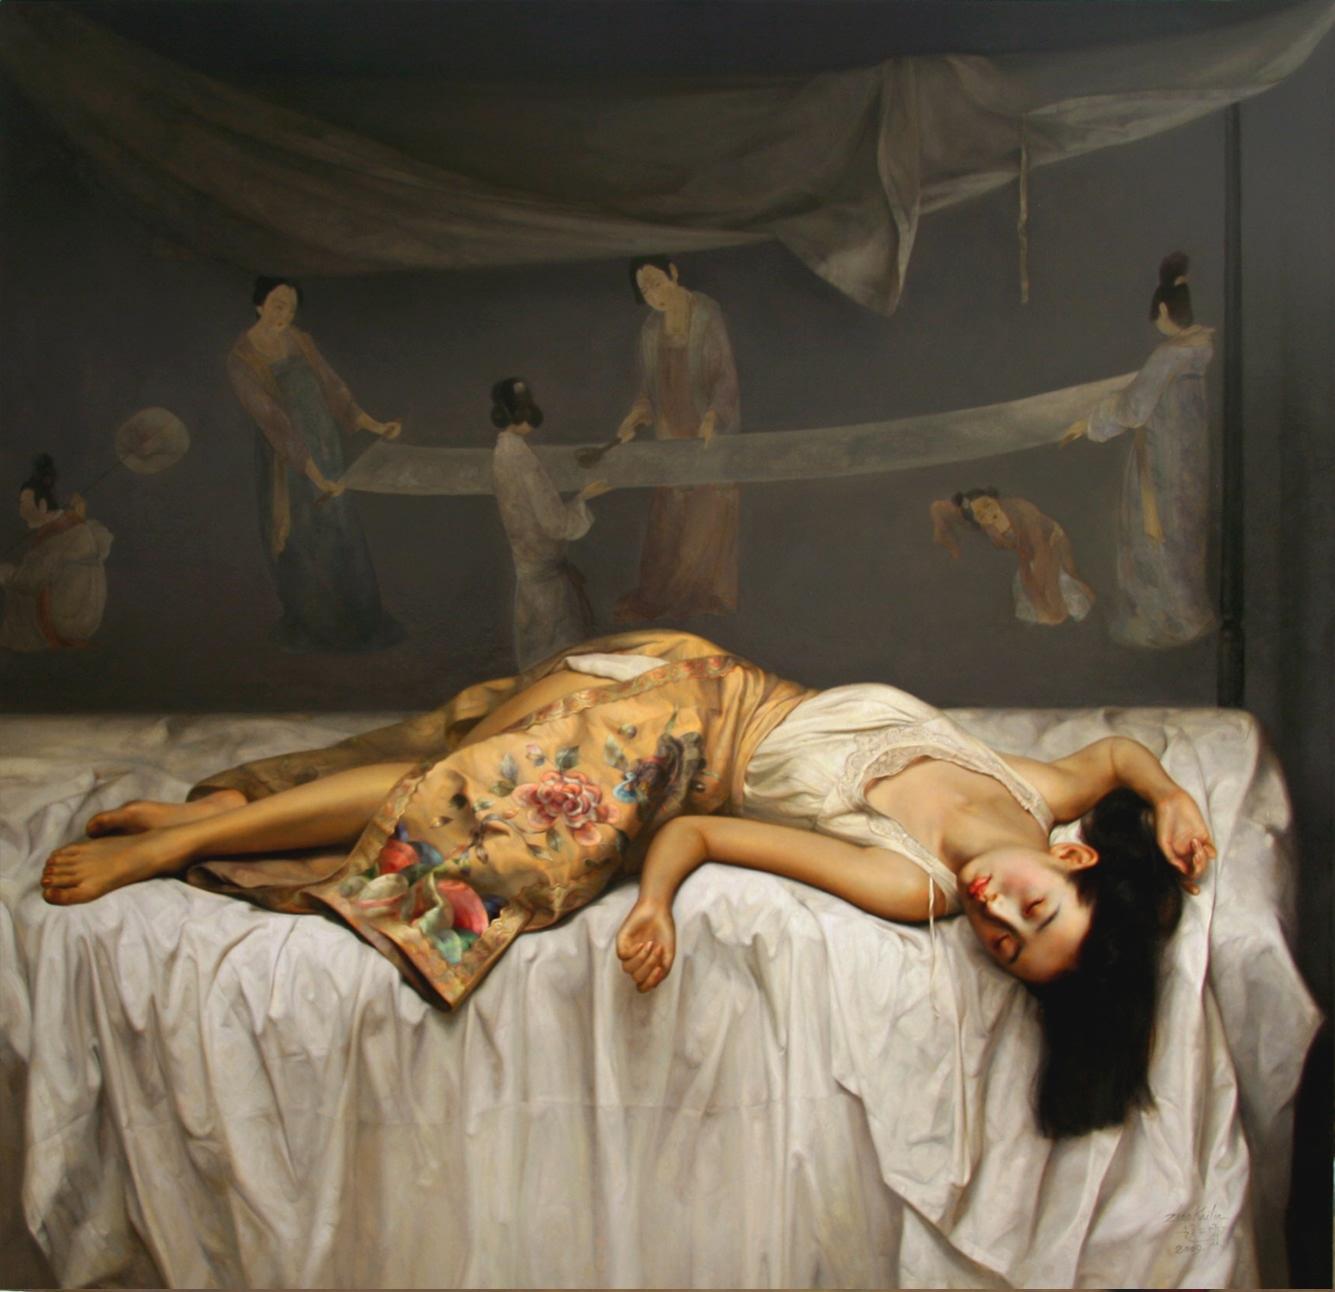 Resultado de imagen para pintura contemporanea asiatica